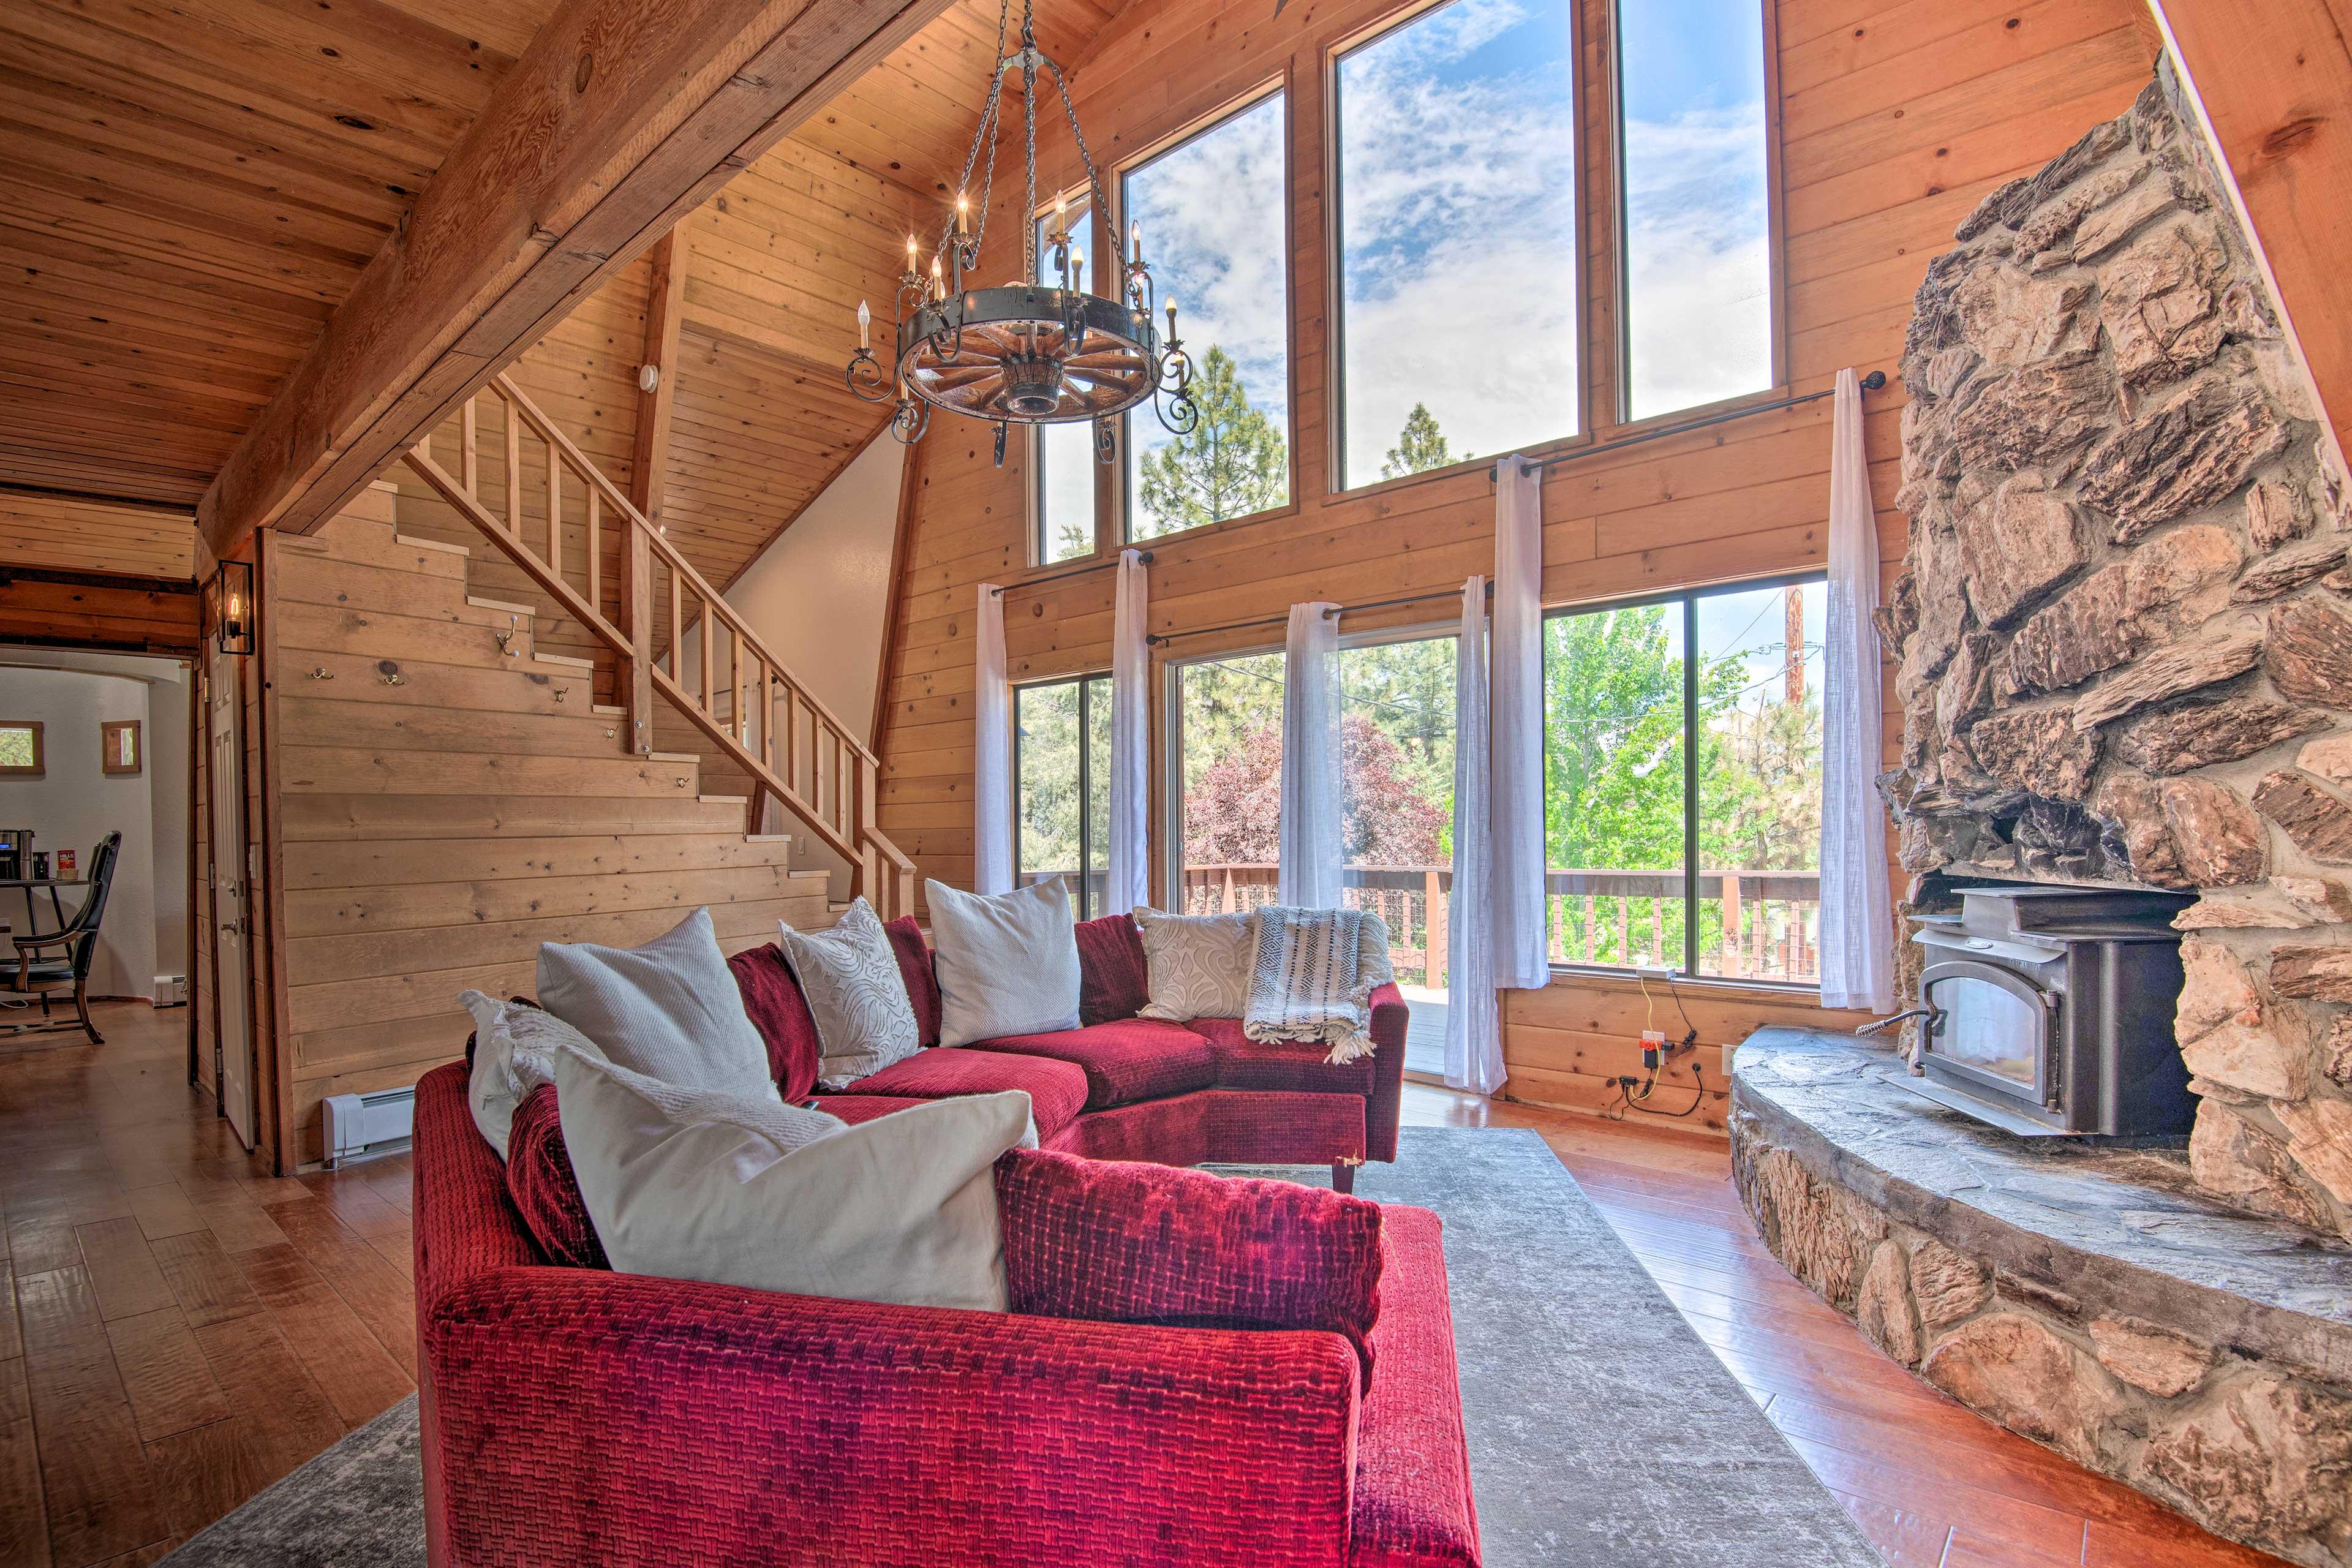 Floor-to-ceiling windows illuminate the interior space.